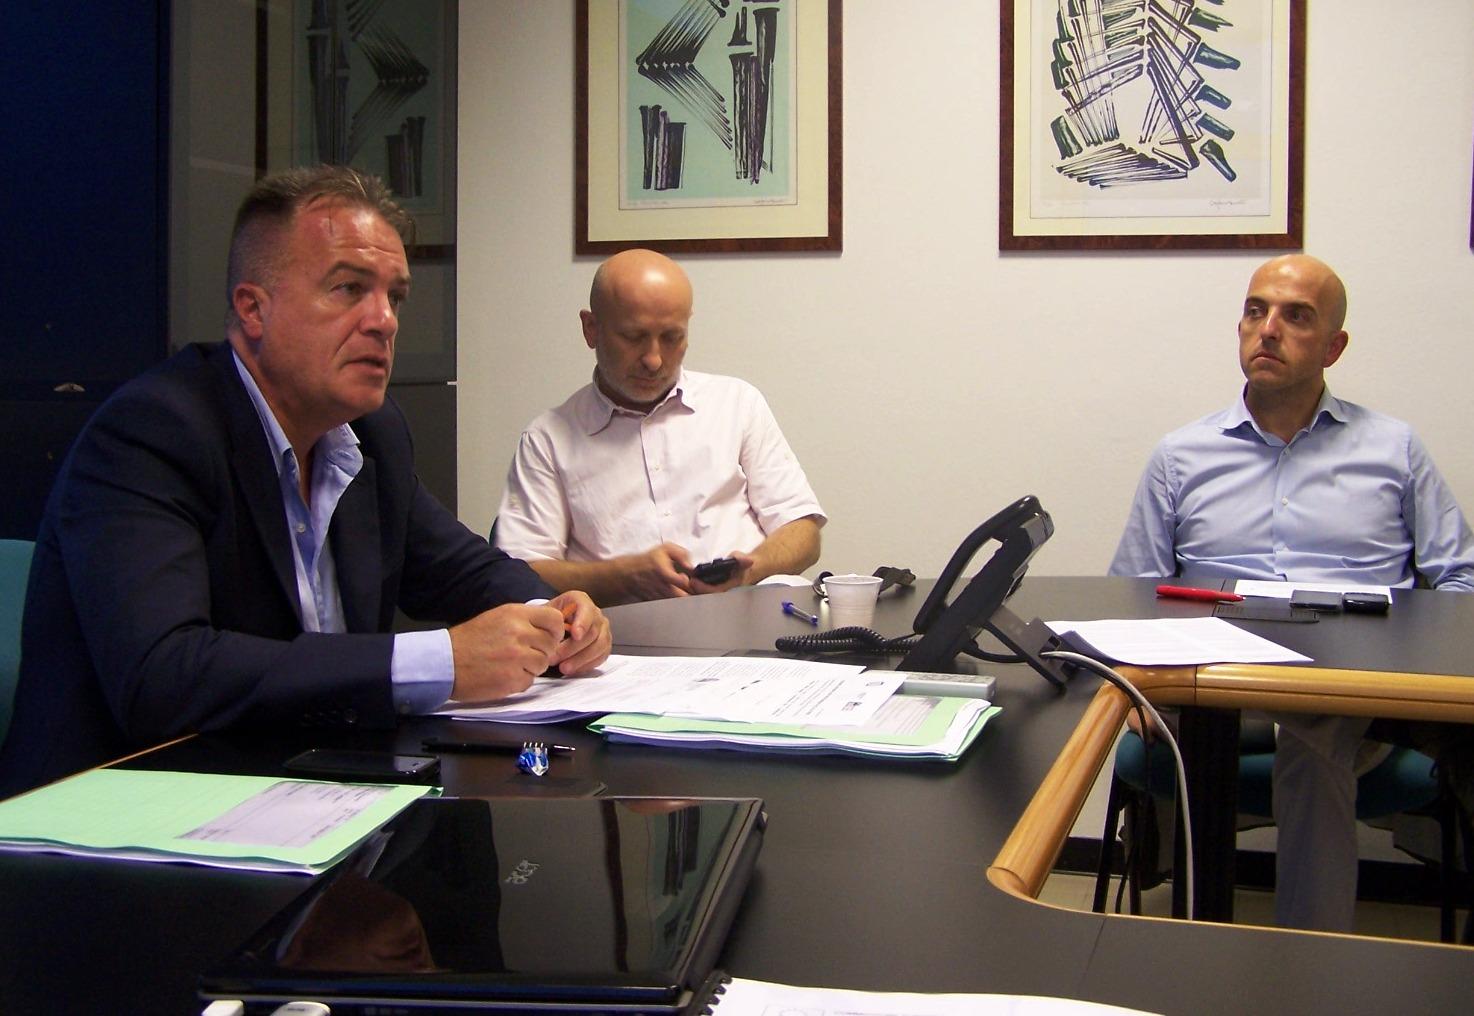 Ufficio presidenza cna balneatori comitato balneari liguria for Ufficio presidenza